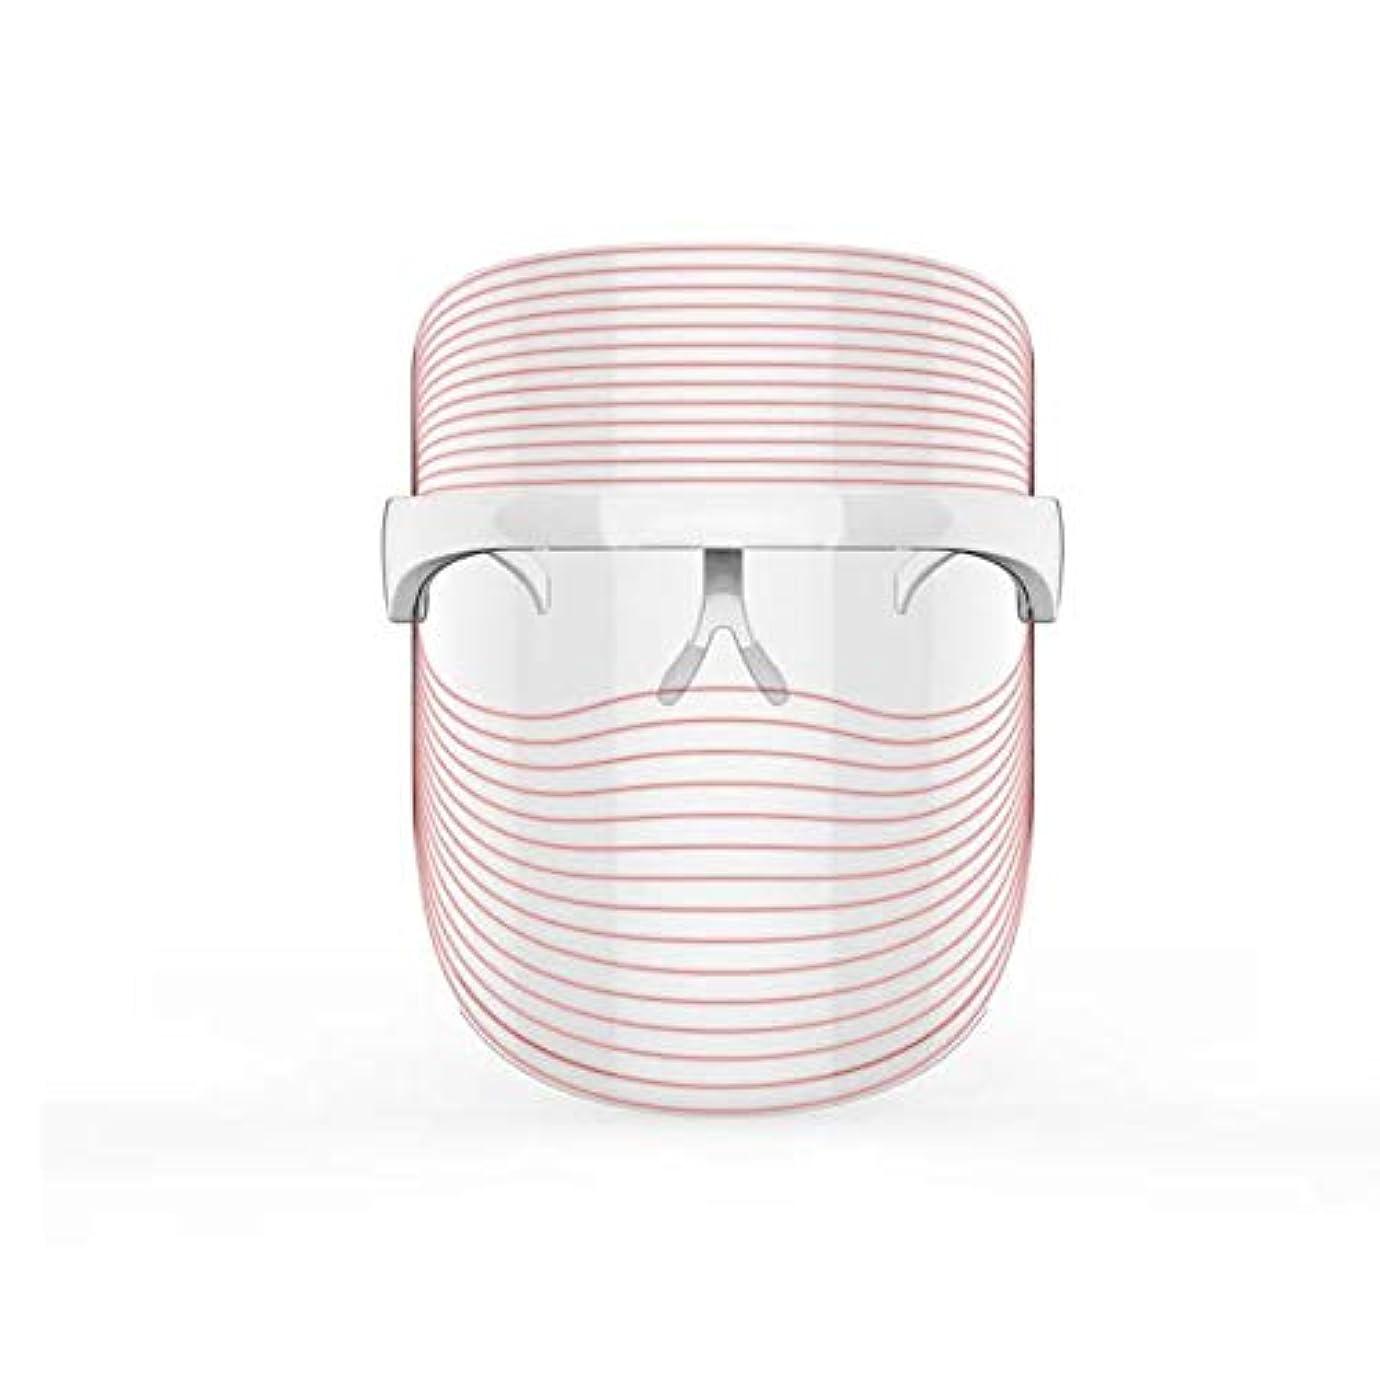 霧潜水艦決定する3色LEDマスクフェイス&ネックネオン白熱LEDフェイスマスク電動フェイシャルスキンケアフェイススキンビューティー